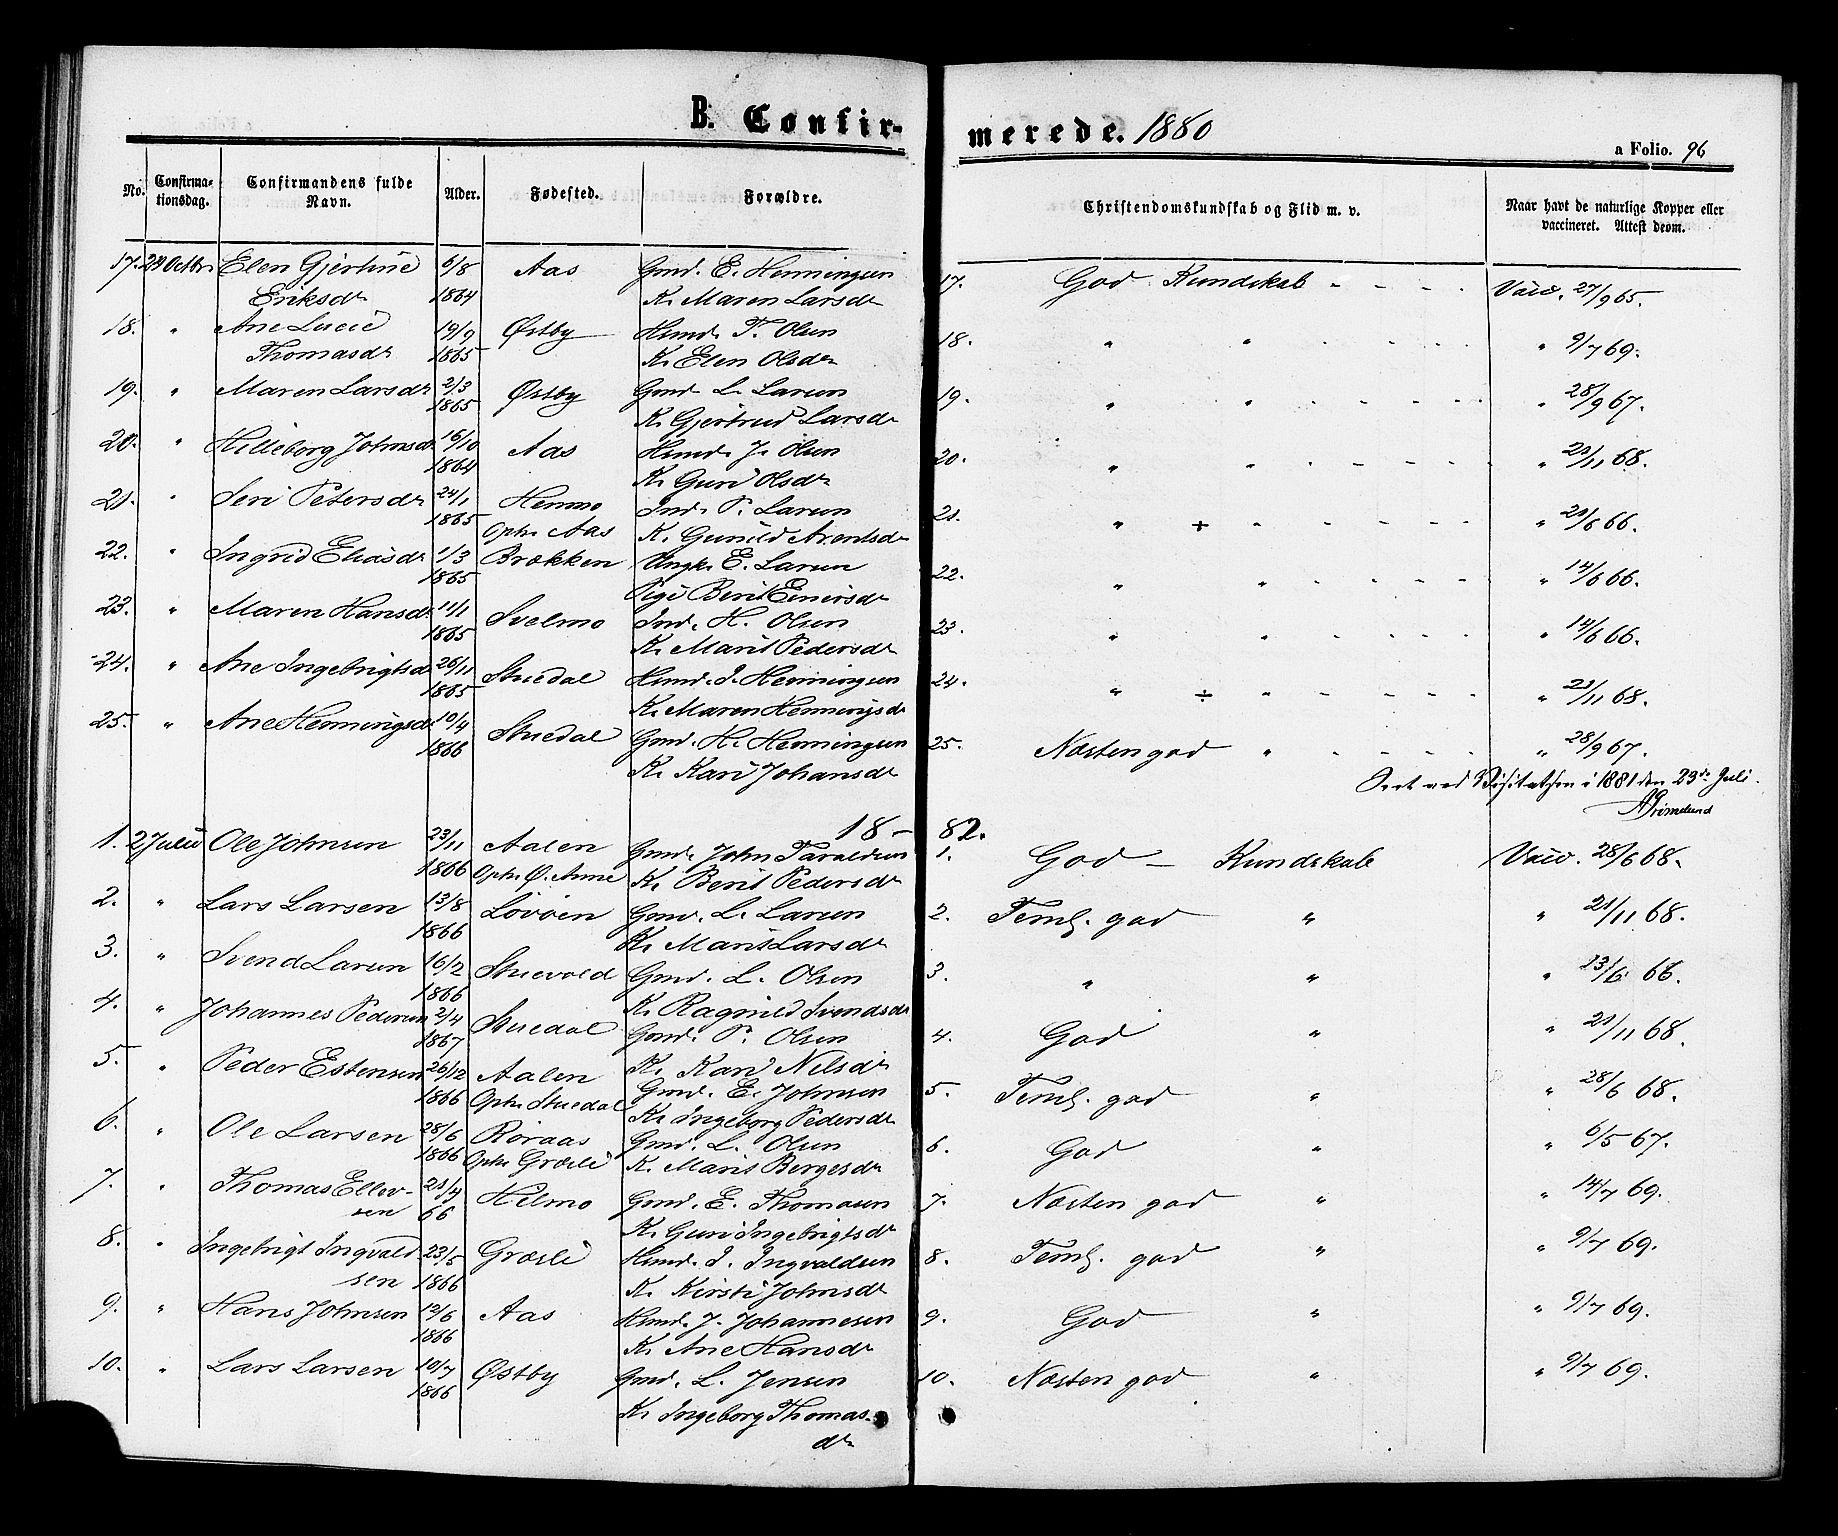 SAT, Ministerialprotokoller, klokkerbøker og fødselsregistre - Sør-Trøndelag, 698/L1163: Ministerialbok nr. 698A01, 1862-1887, s. 96